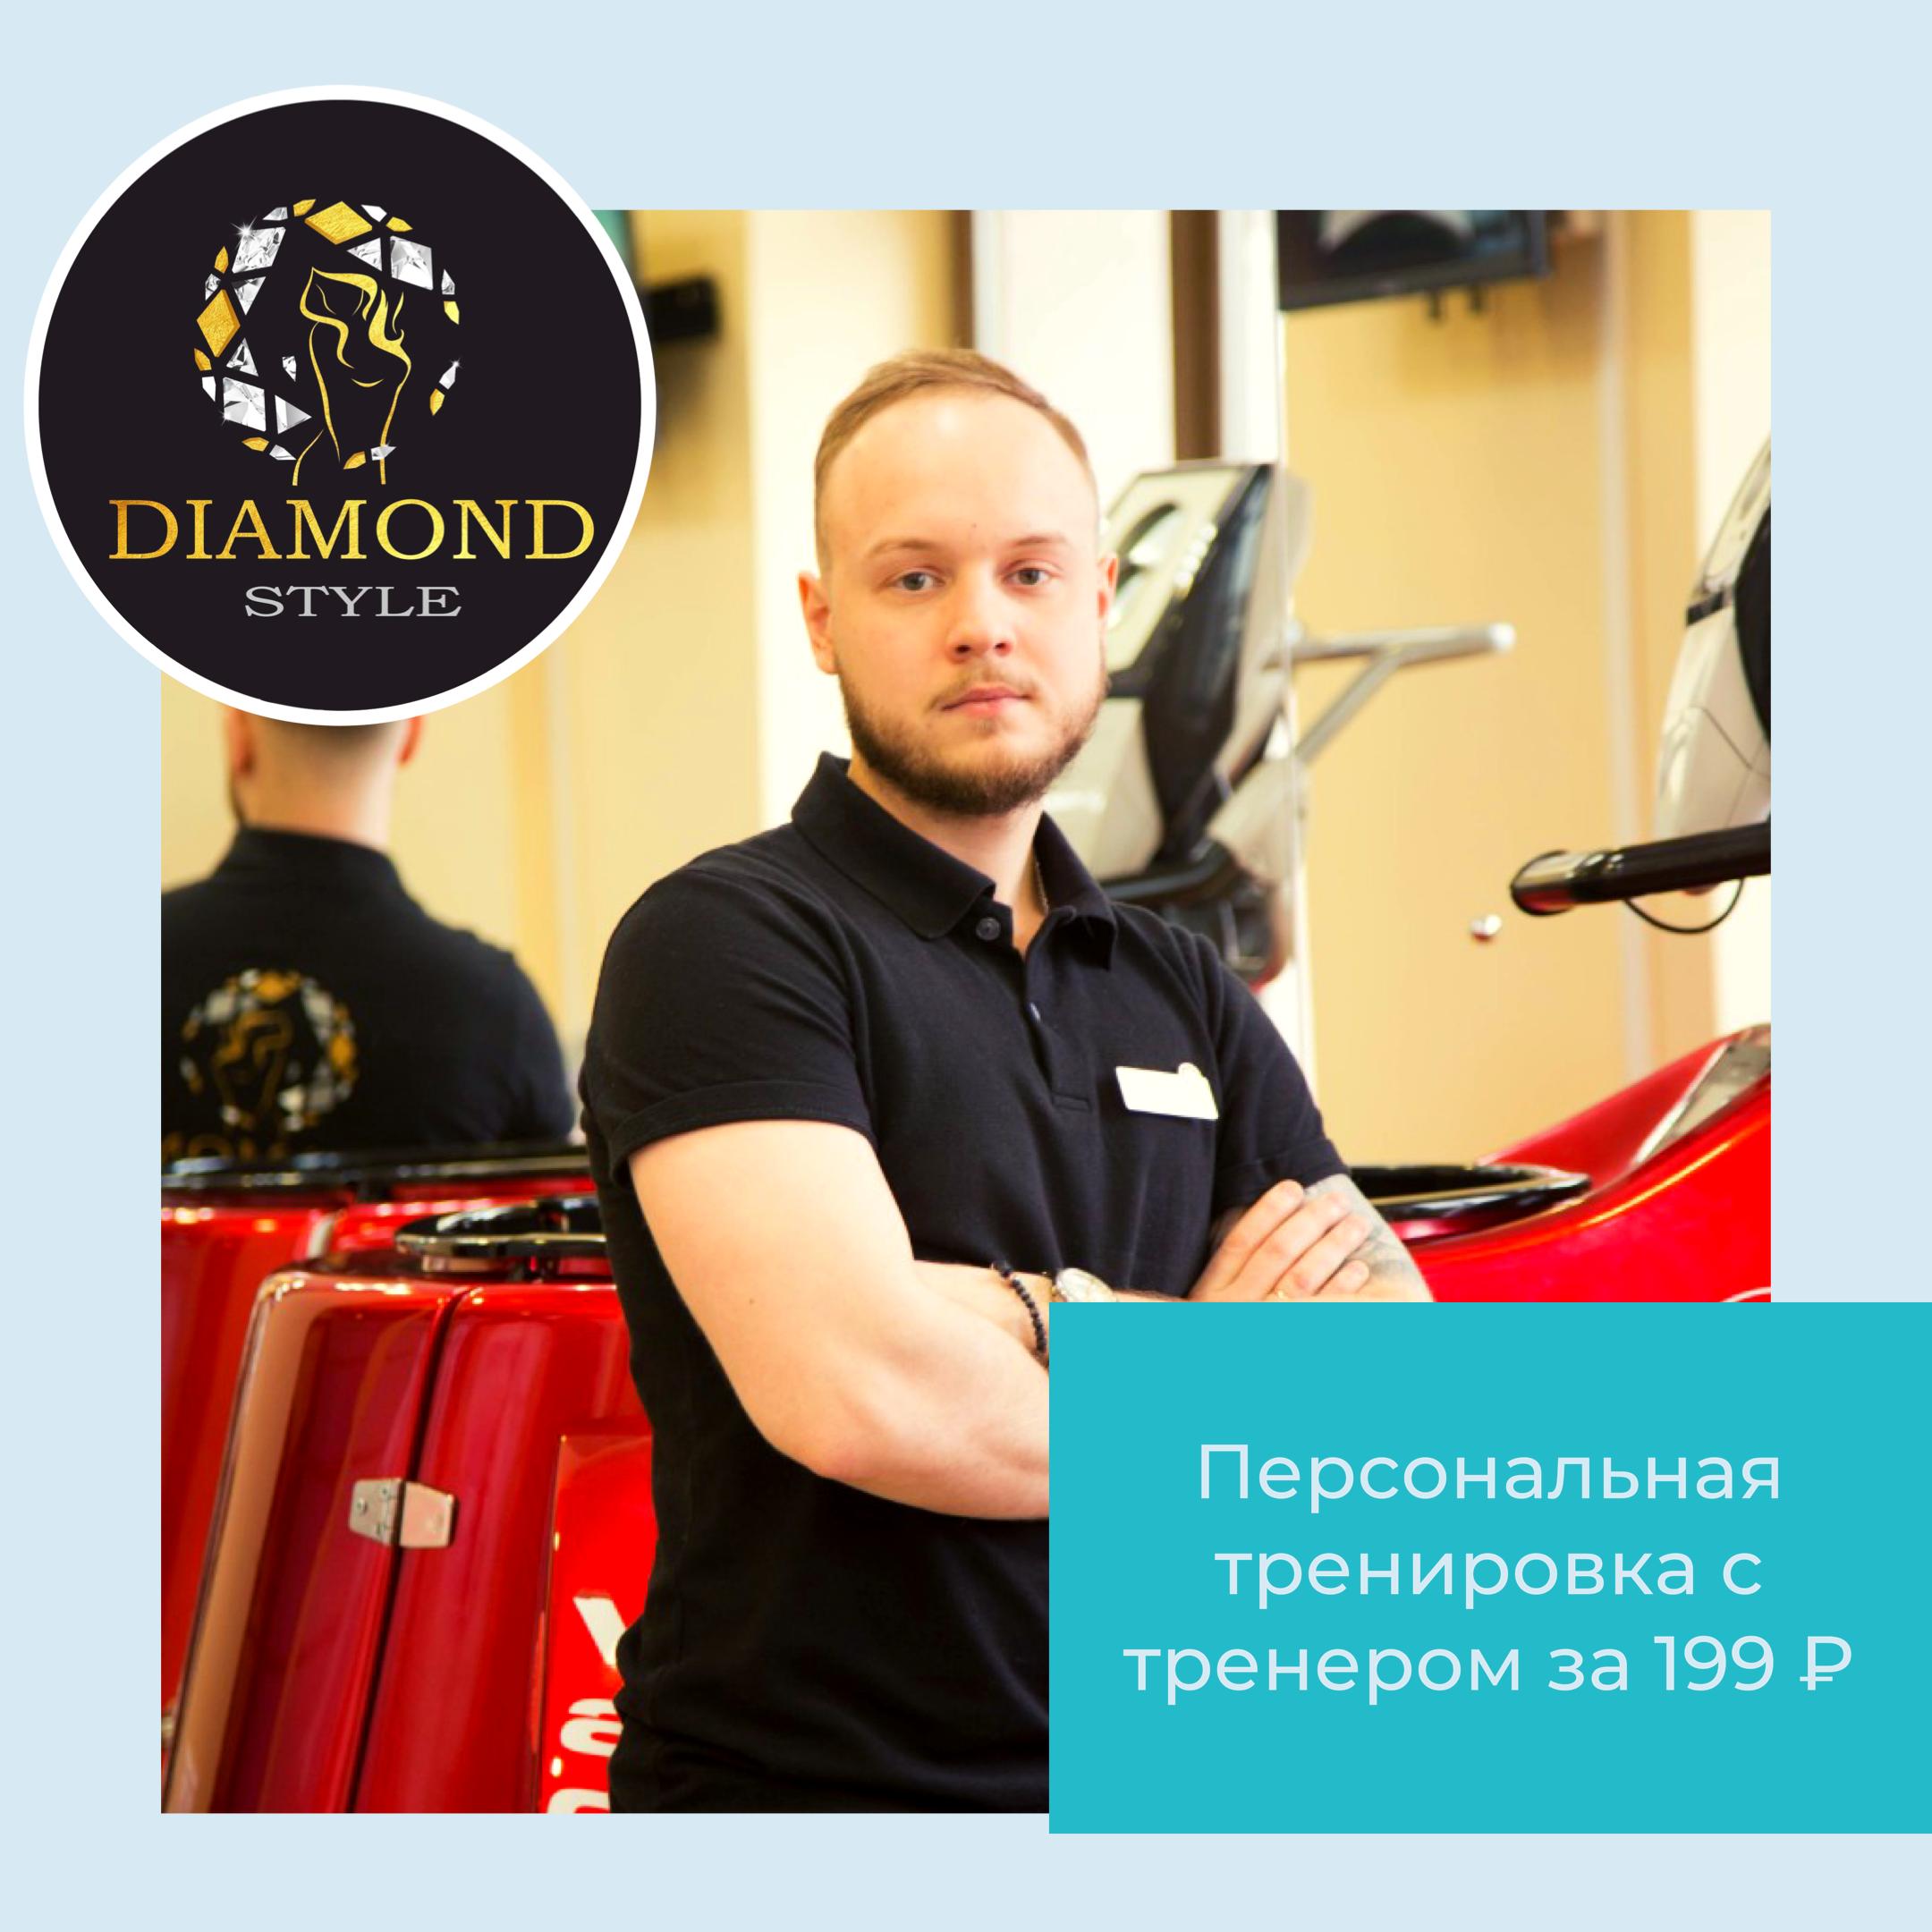 Индивидуальное занятие с тренером в wellness – студии «Diamond Style» всего за 199 рублей!